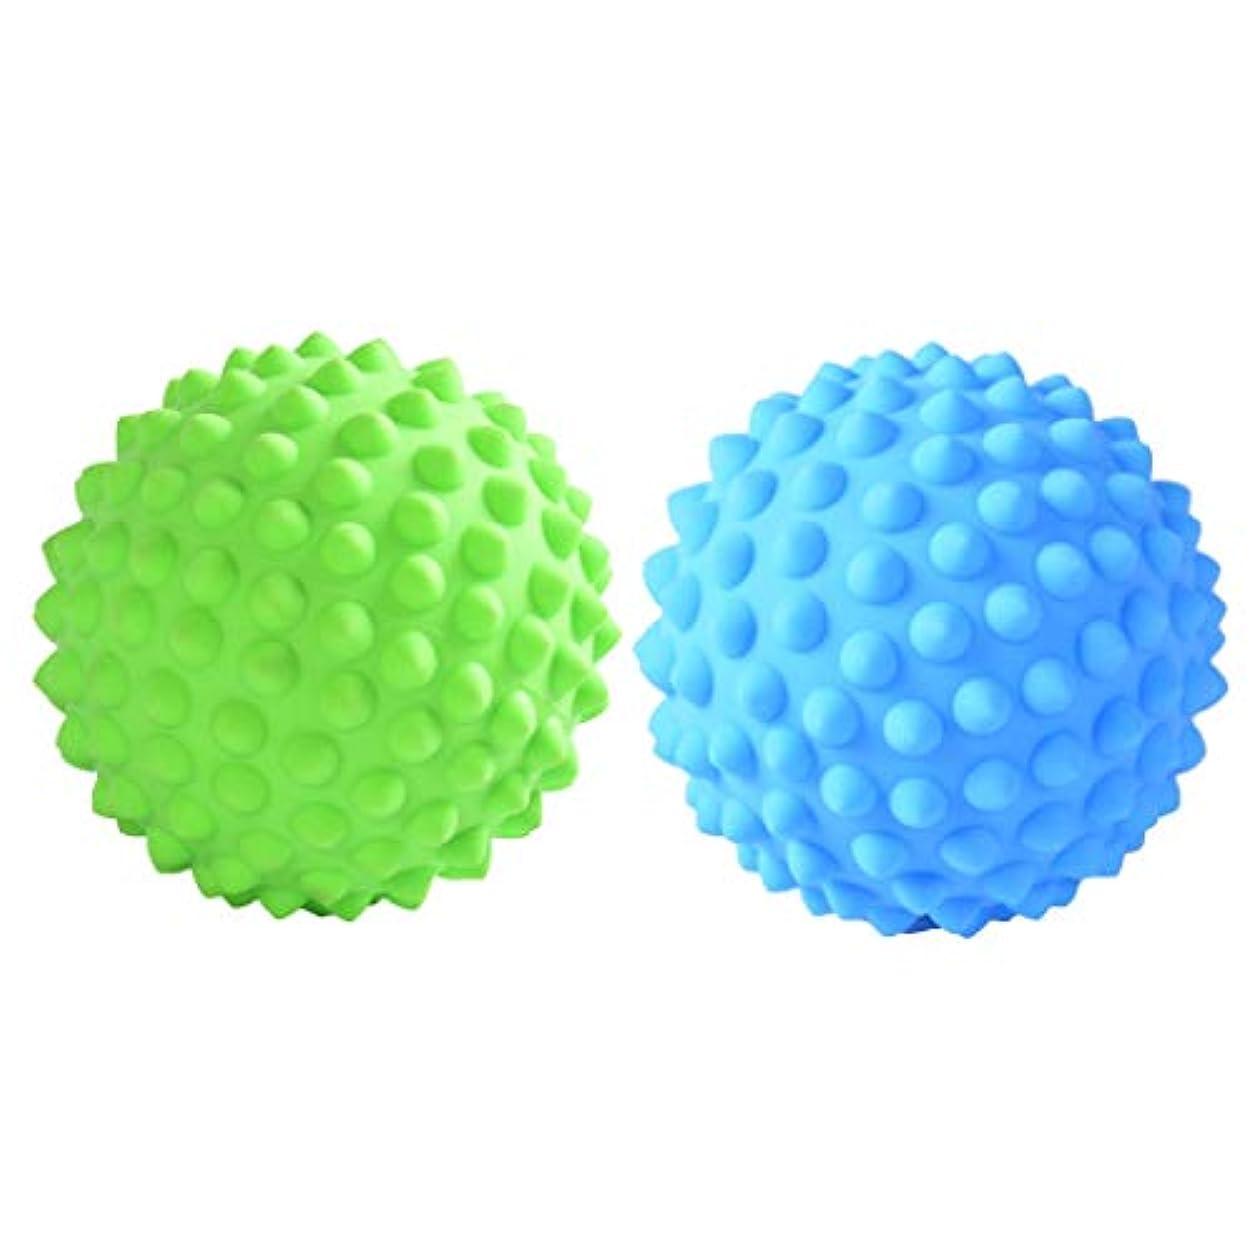 メッシュさらにインフルエンザCUTICATE マッサージローラーボール 指圧ボール PVC トリガーポイント 筋膜 疲労軽減 健康的 2個入